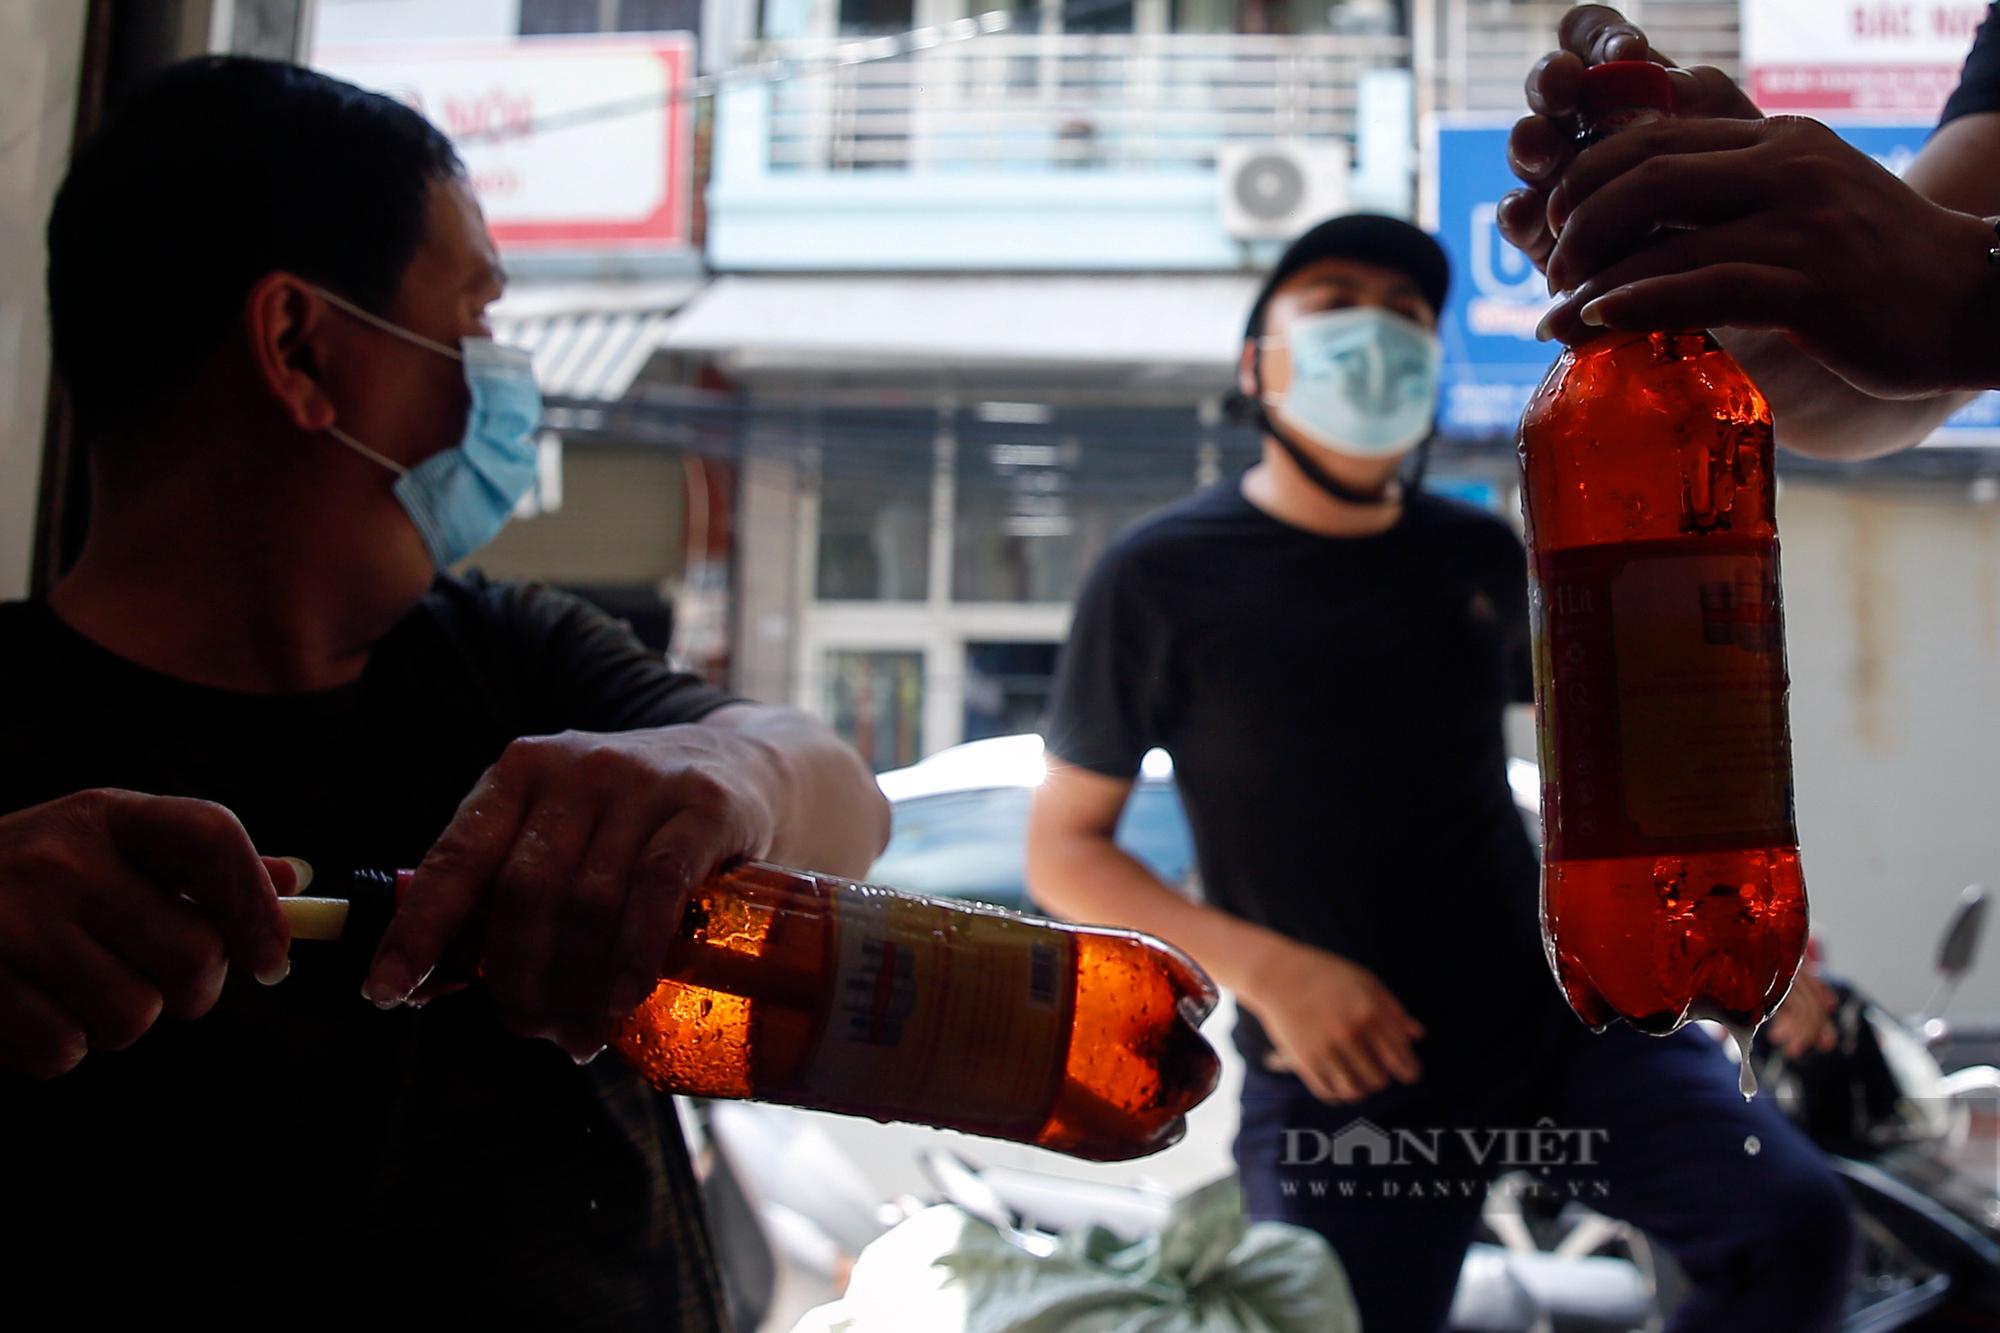 Bia hơi Hà Nội bắt đầu nhộn nhịp người mua mang về  - Ảnh 3.